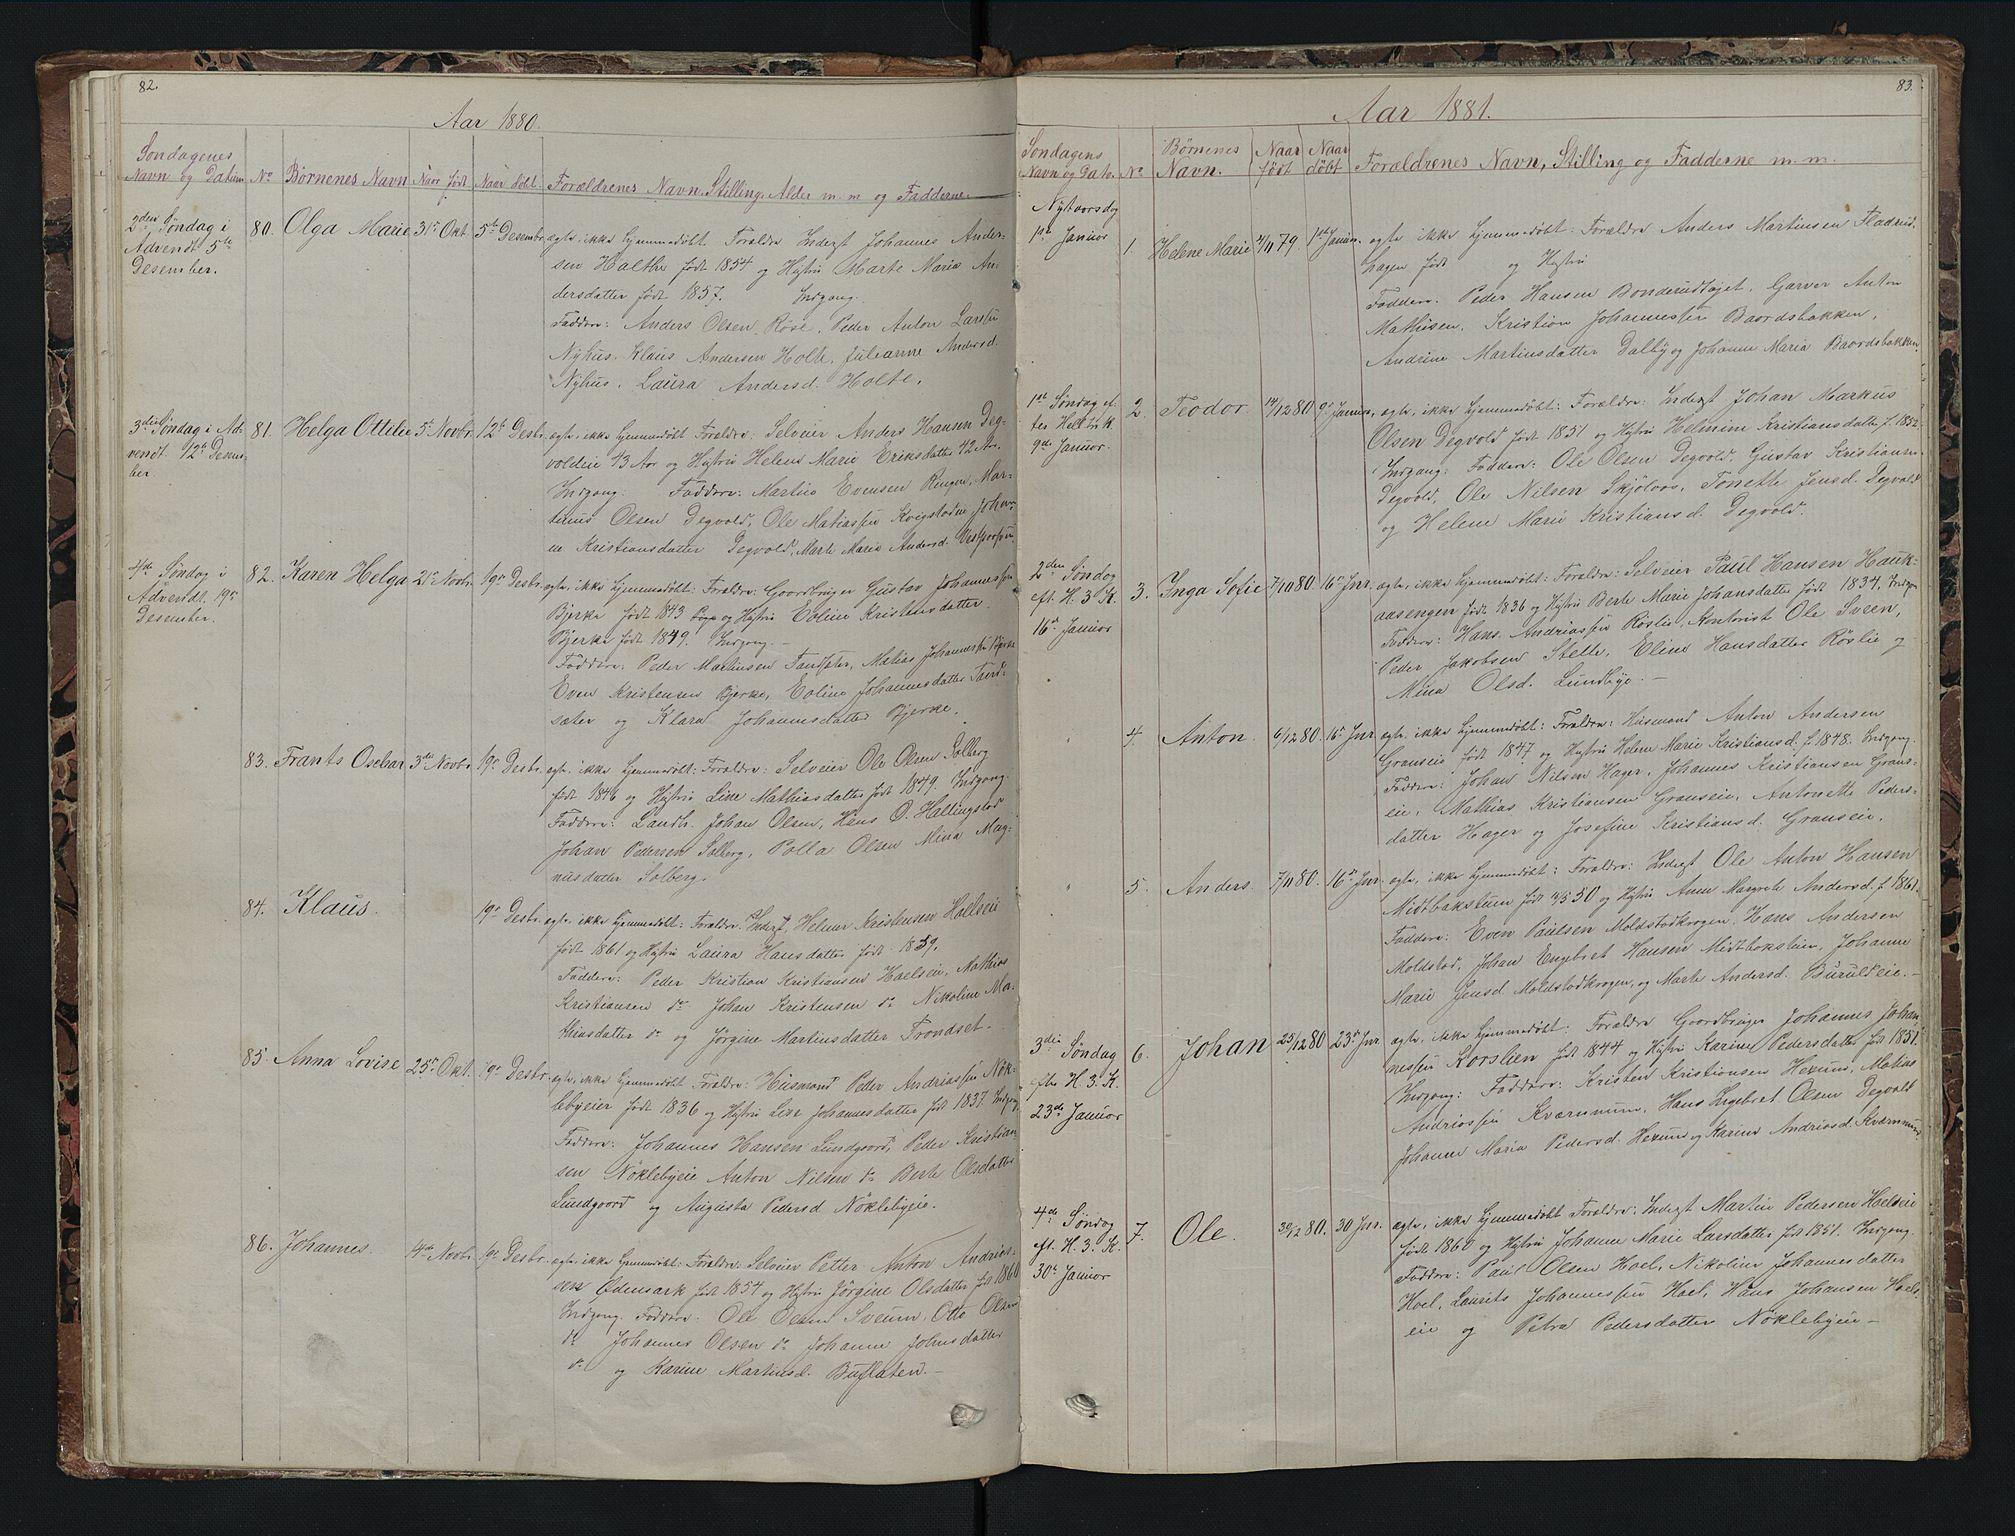 SAH, Vestre Toten prestekontor, H/Ha/Hab/L0007: Klokkerbok nr. 7, 1872-1900, s. 82-83